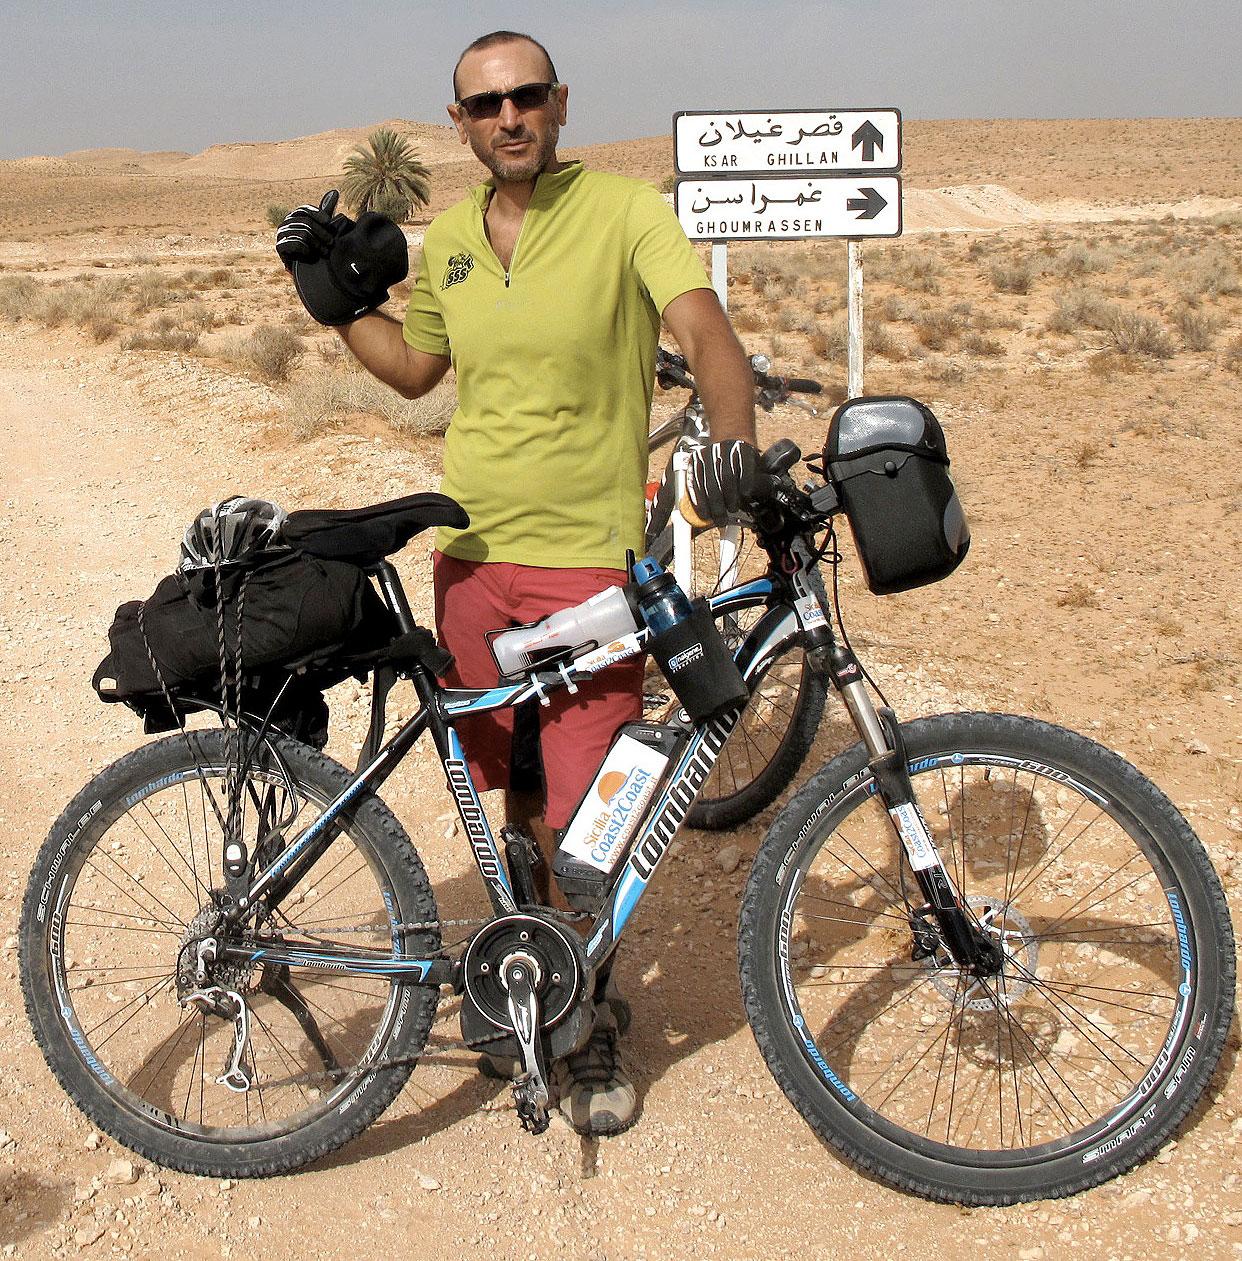 Ciclista nel deserto con una bicicletta elettrica